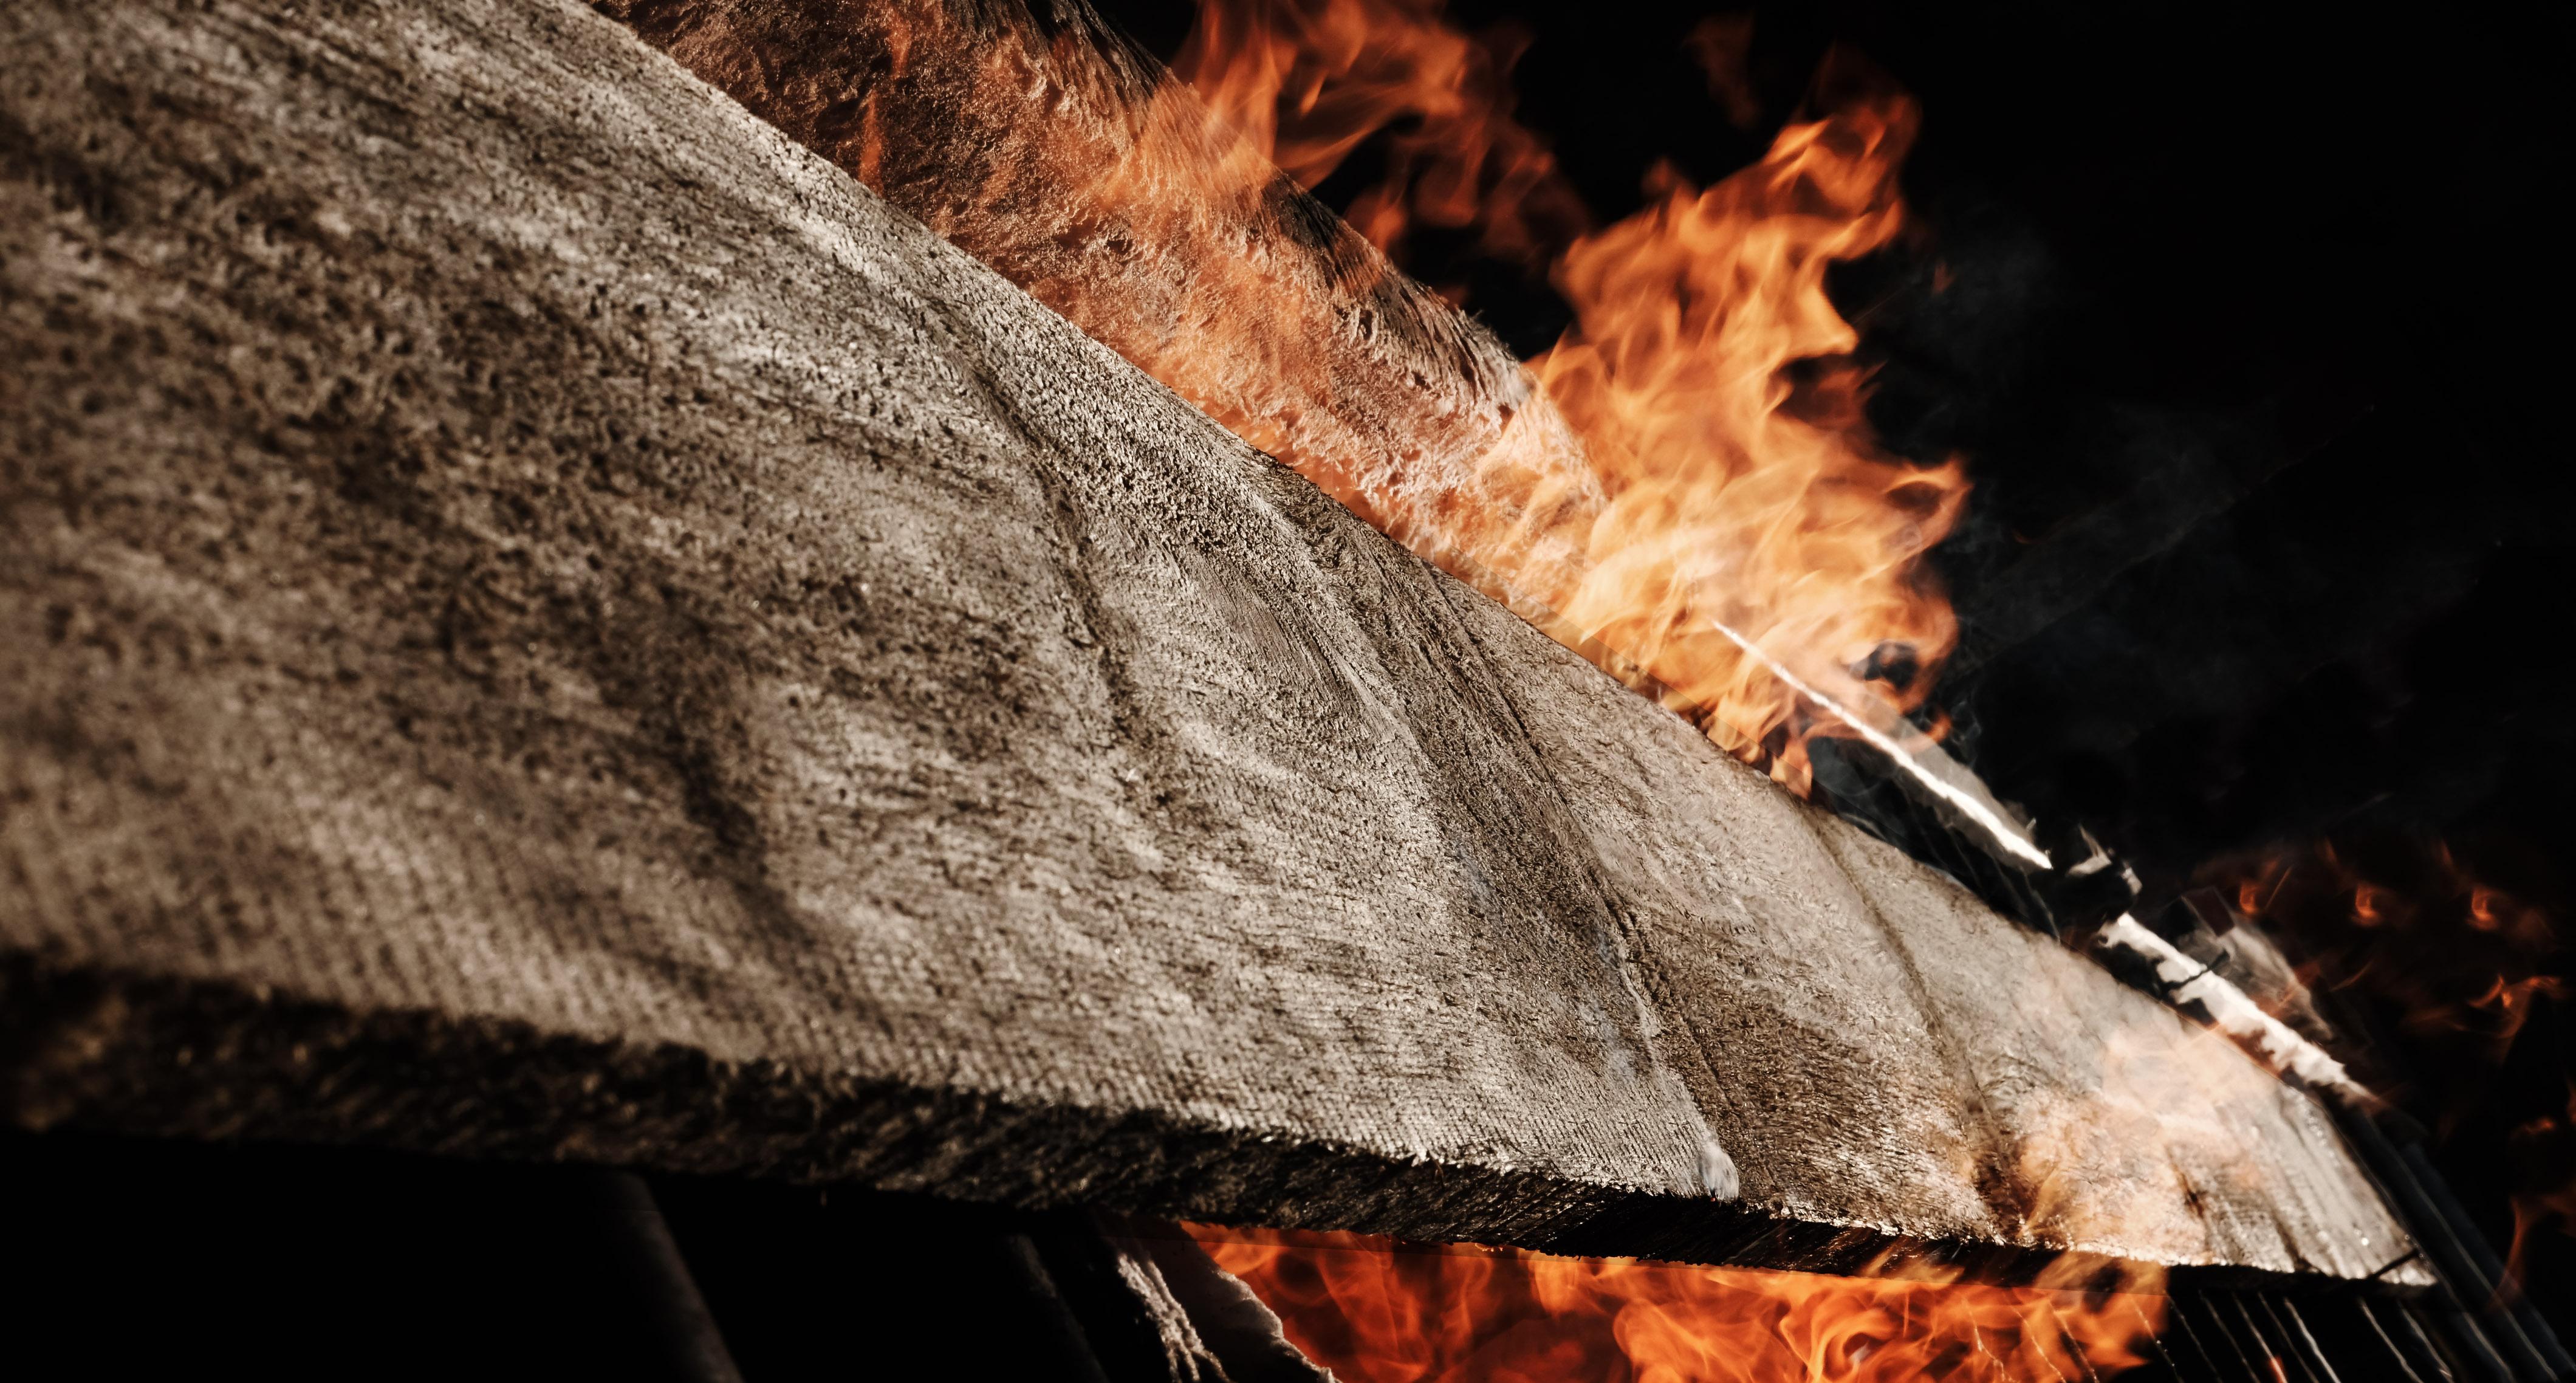 burning timber yakisugi technique shou sugi ban rauchholz